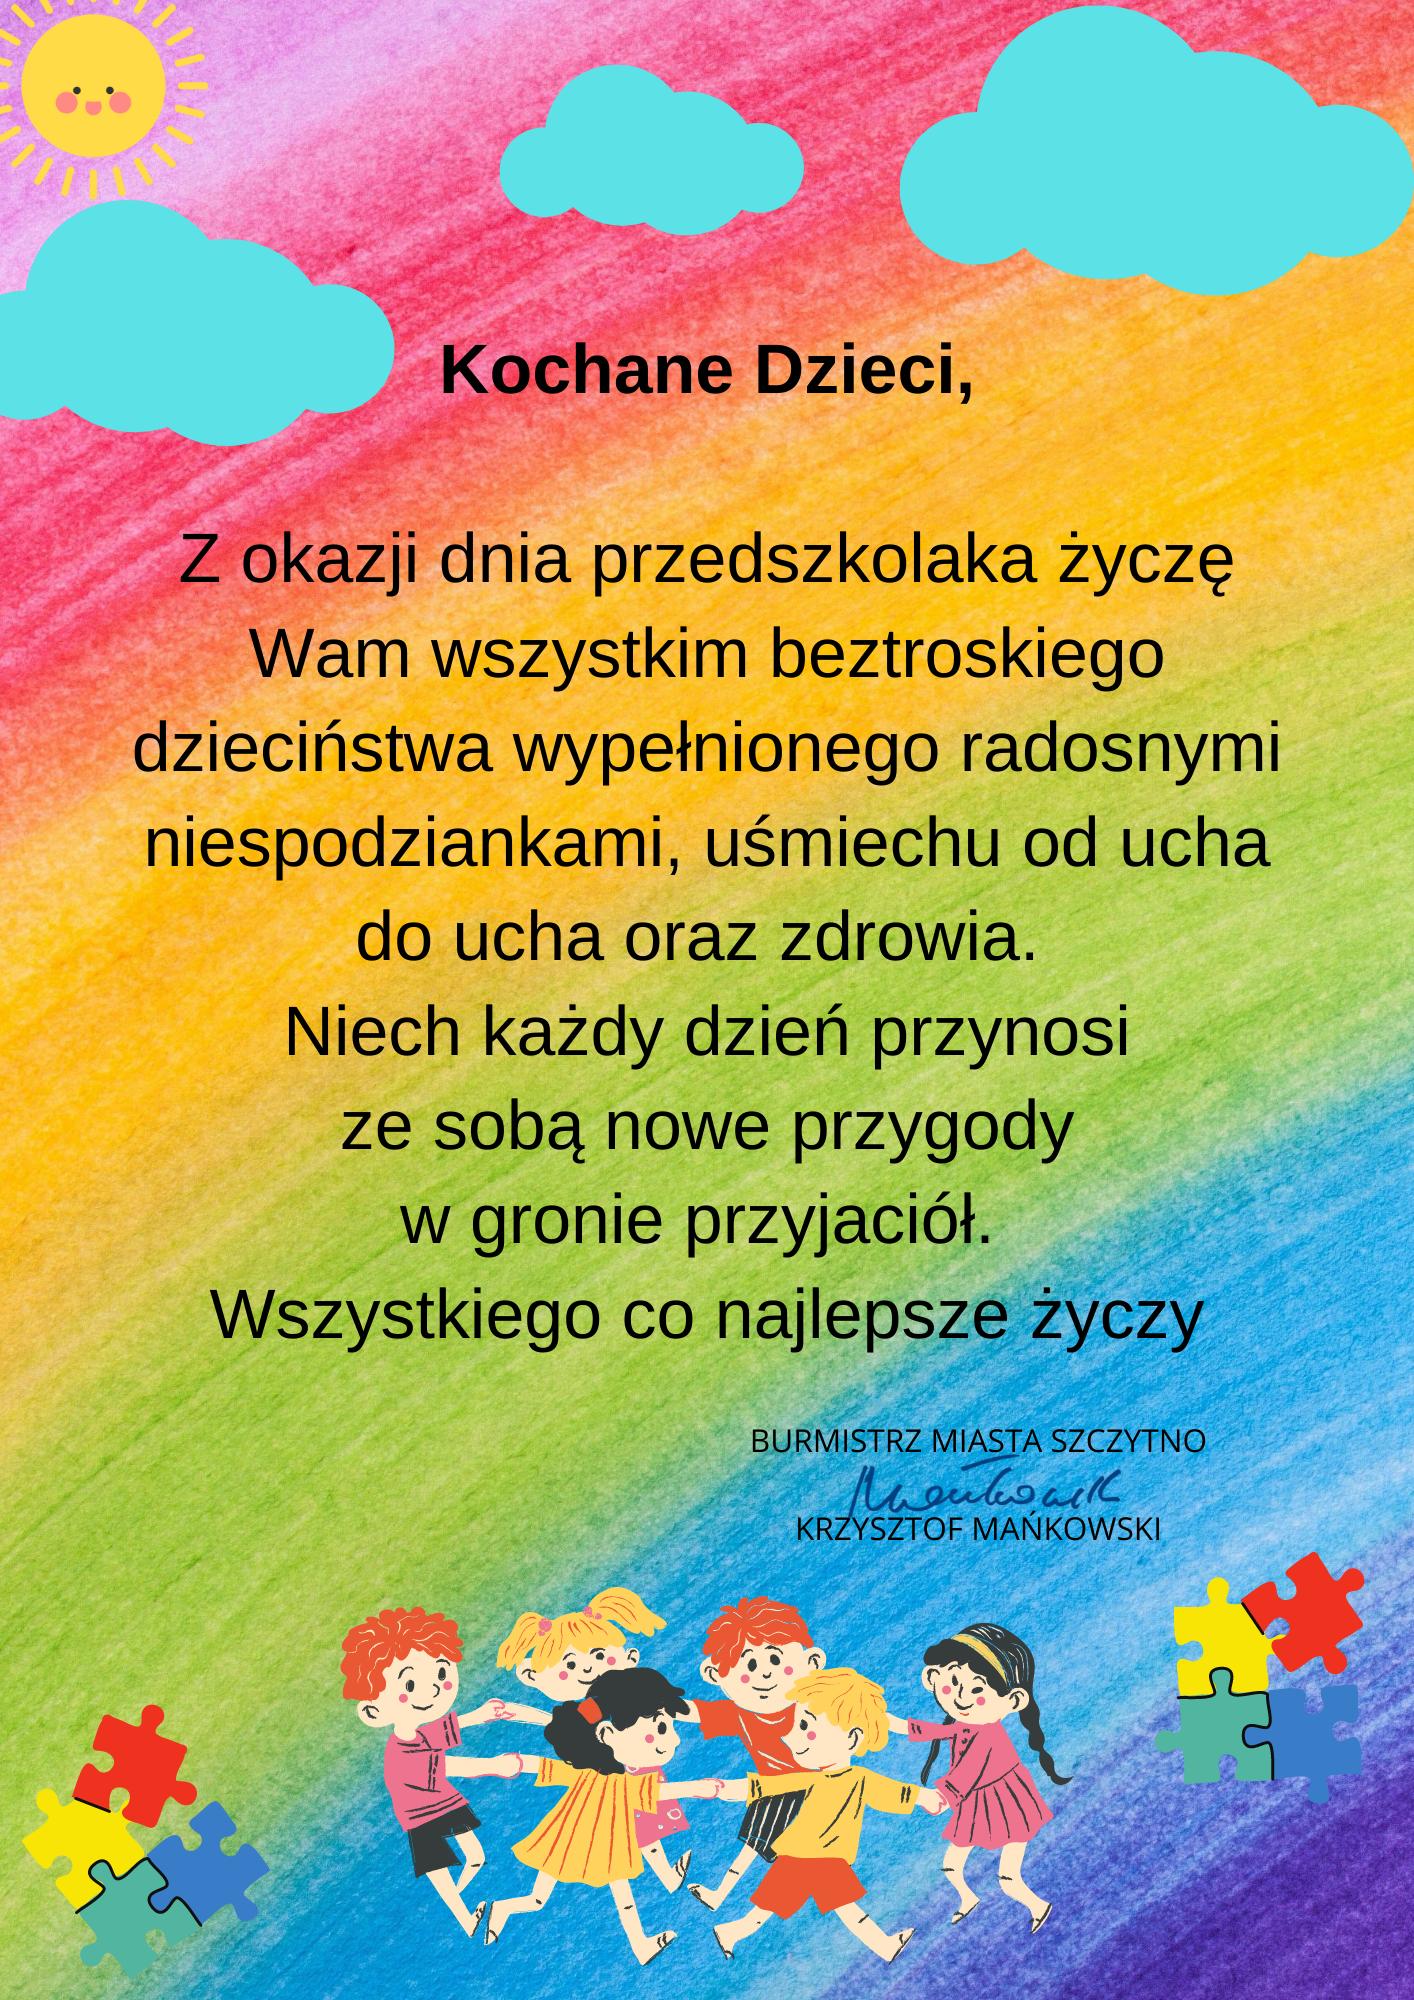 https://m.powiatszczycienski.pl/2021/09/orig/kochane-przedszkolaki-z-okazji-dnia-przedszkolaka-wszystkim-przedszkolakom-zycze-beztroskiego-dziecinstwa-wypelnionego-radosnymi-niespodziankami-usmiechu-od-ucha-do-ucha-oraz-zdrowia-niech-kazdy-dzien-przynosi-ze-43334.png